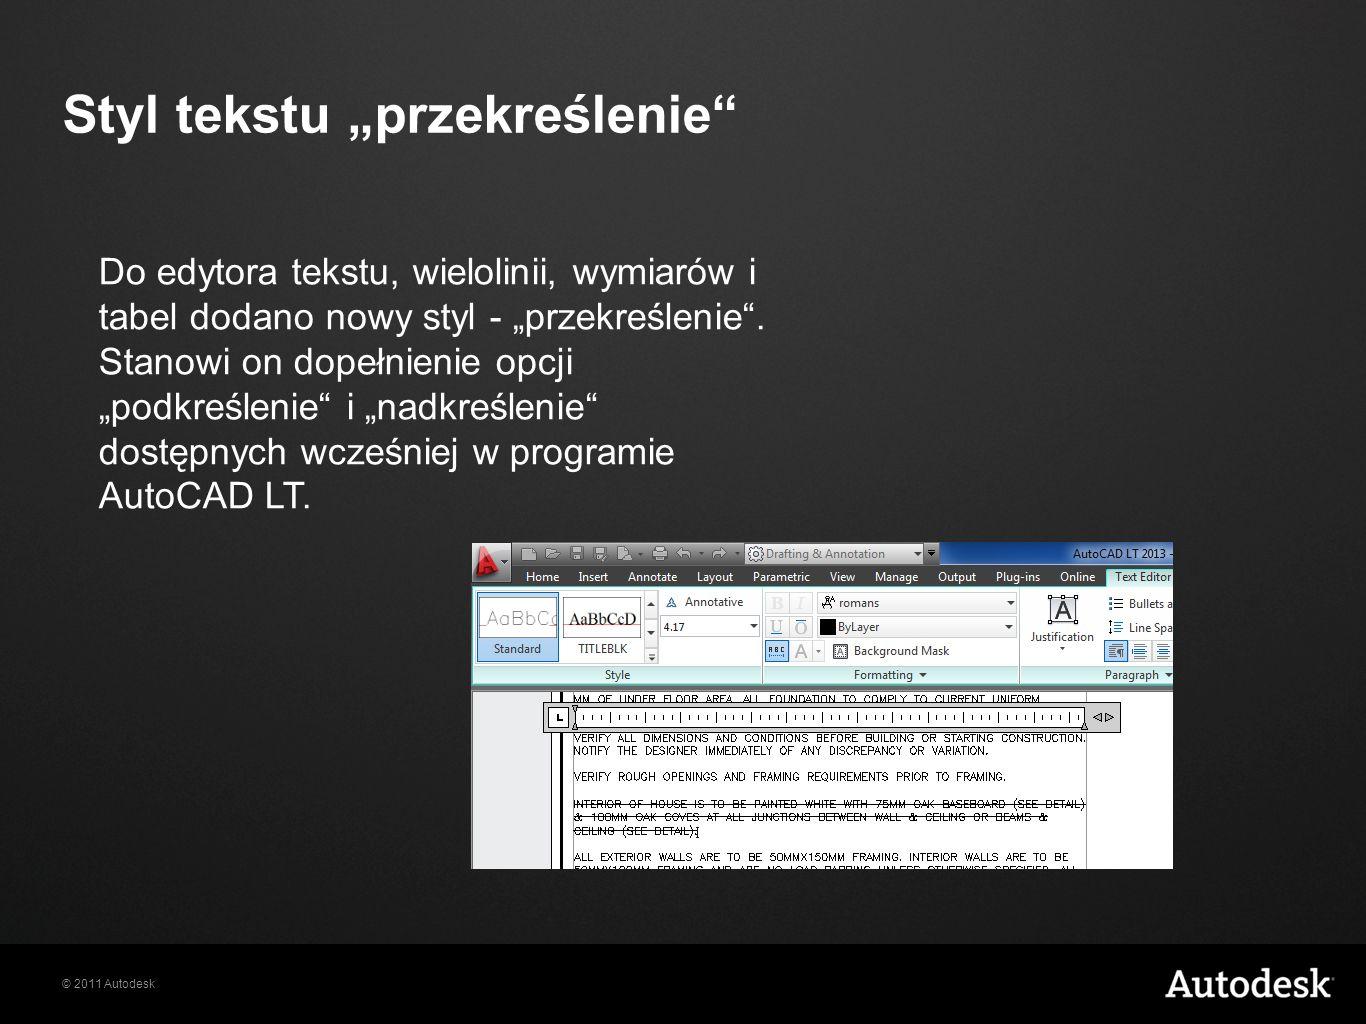 © 2011 Autodesk Styl tekstu przekreślenie Do edytora tekstu, wielolinii, wymiarów i tabel dodano nowy styl - przekreślenie.